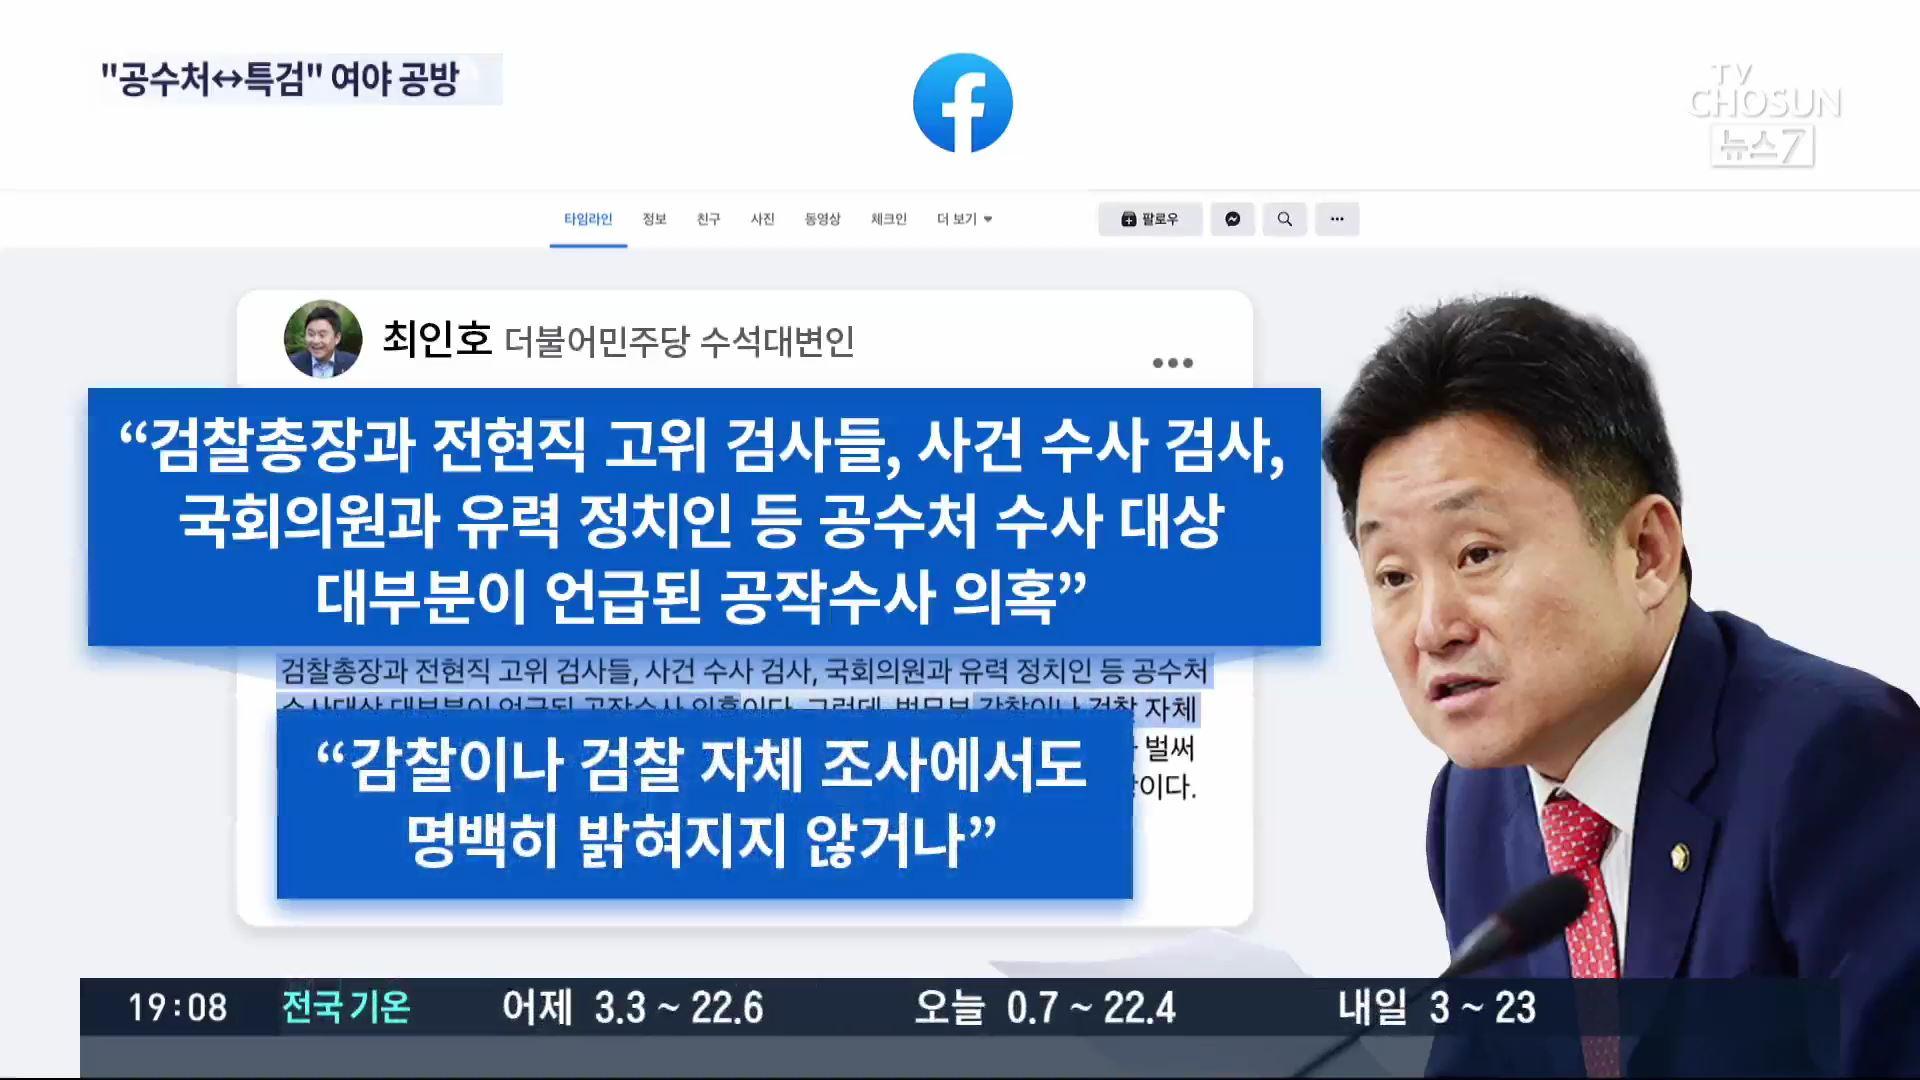 與, 김봉현 주장에 '윤석열, 공수처 수사대상 1호'…野 '특검 뭉개면 장외투쟁 고려'